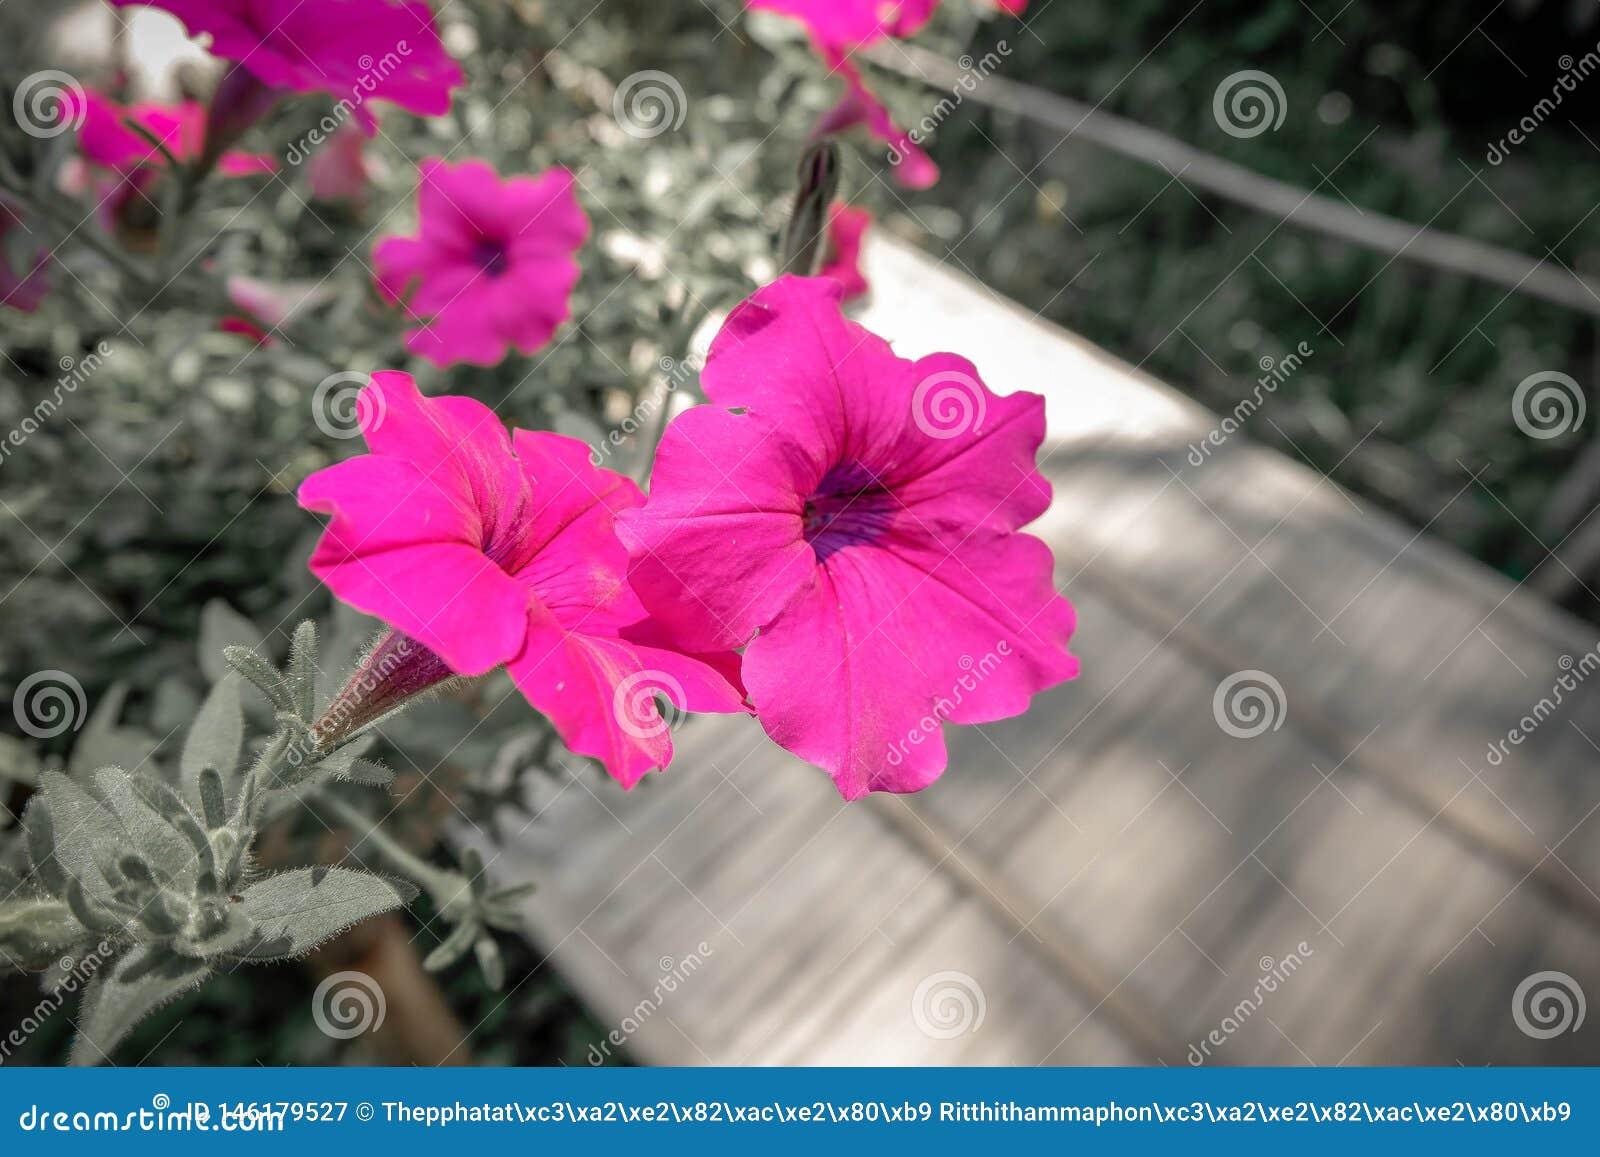 Rosa porpora del fiore nelle memorie